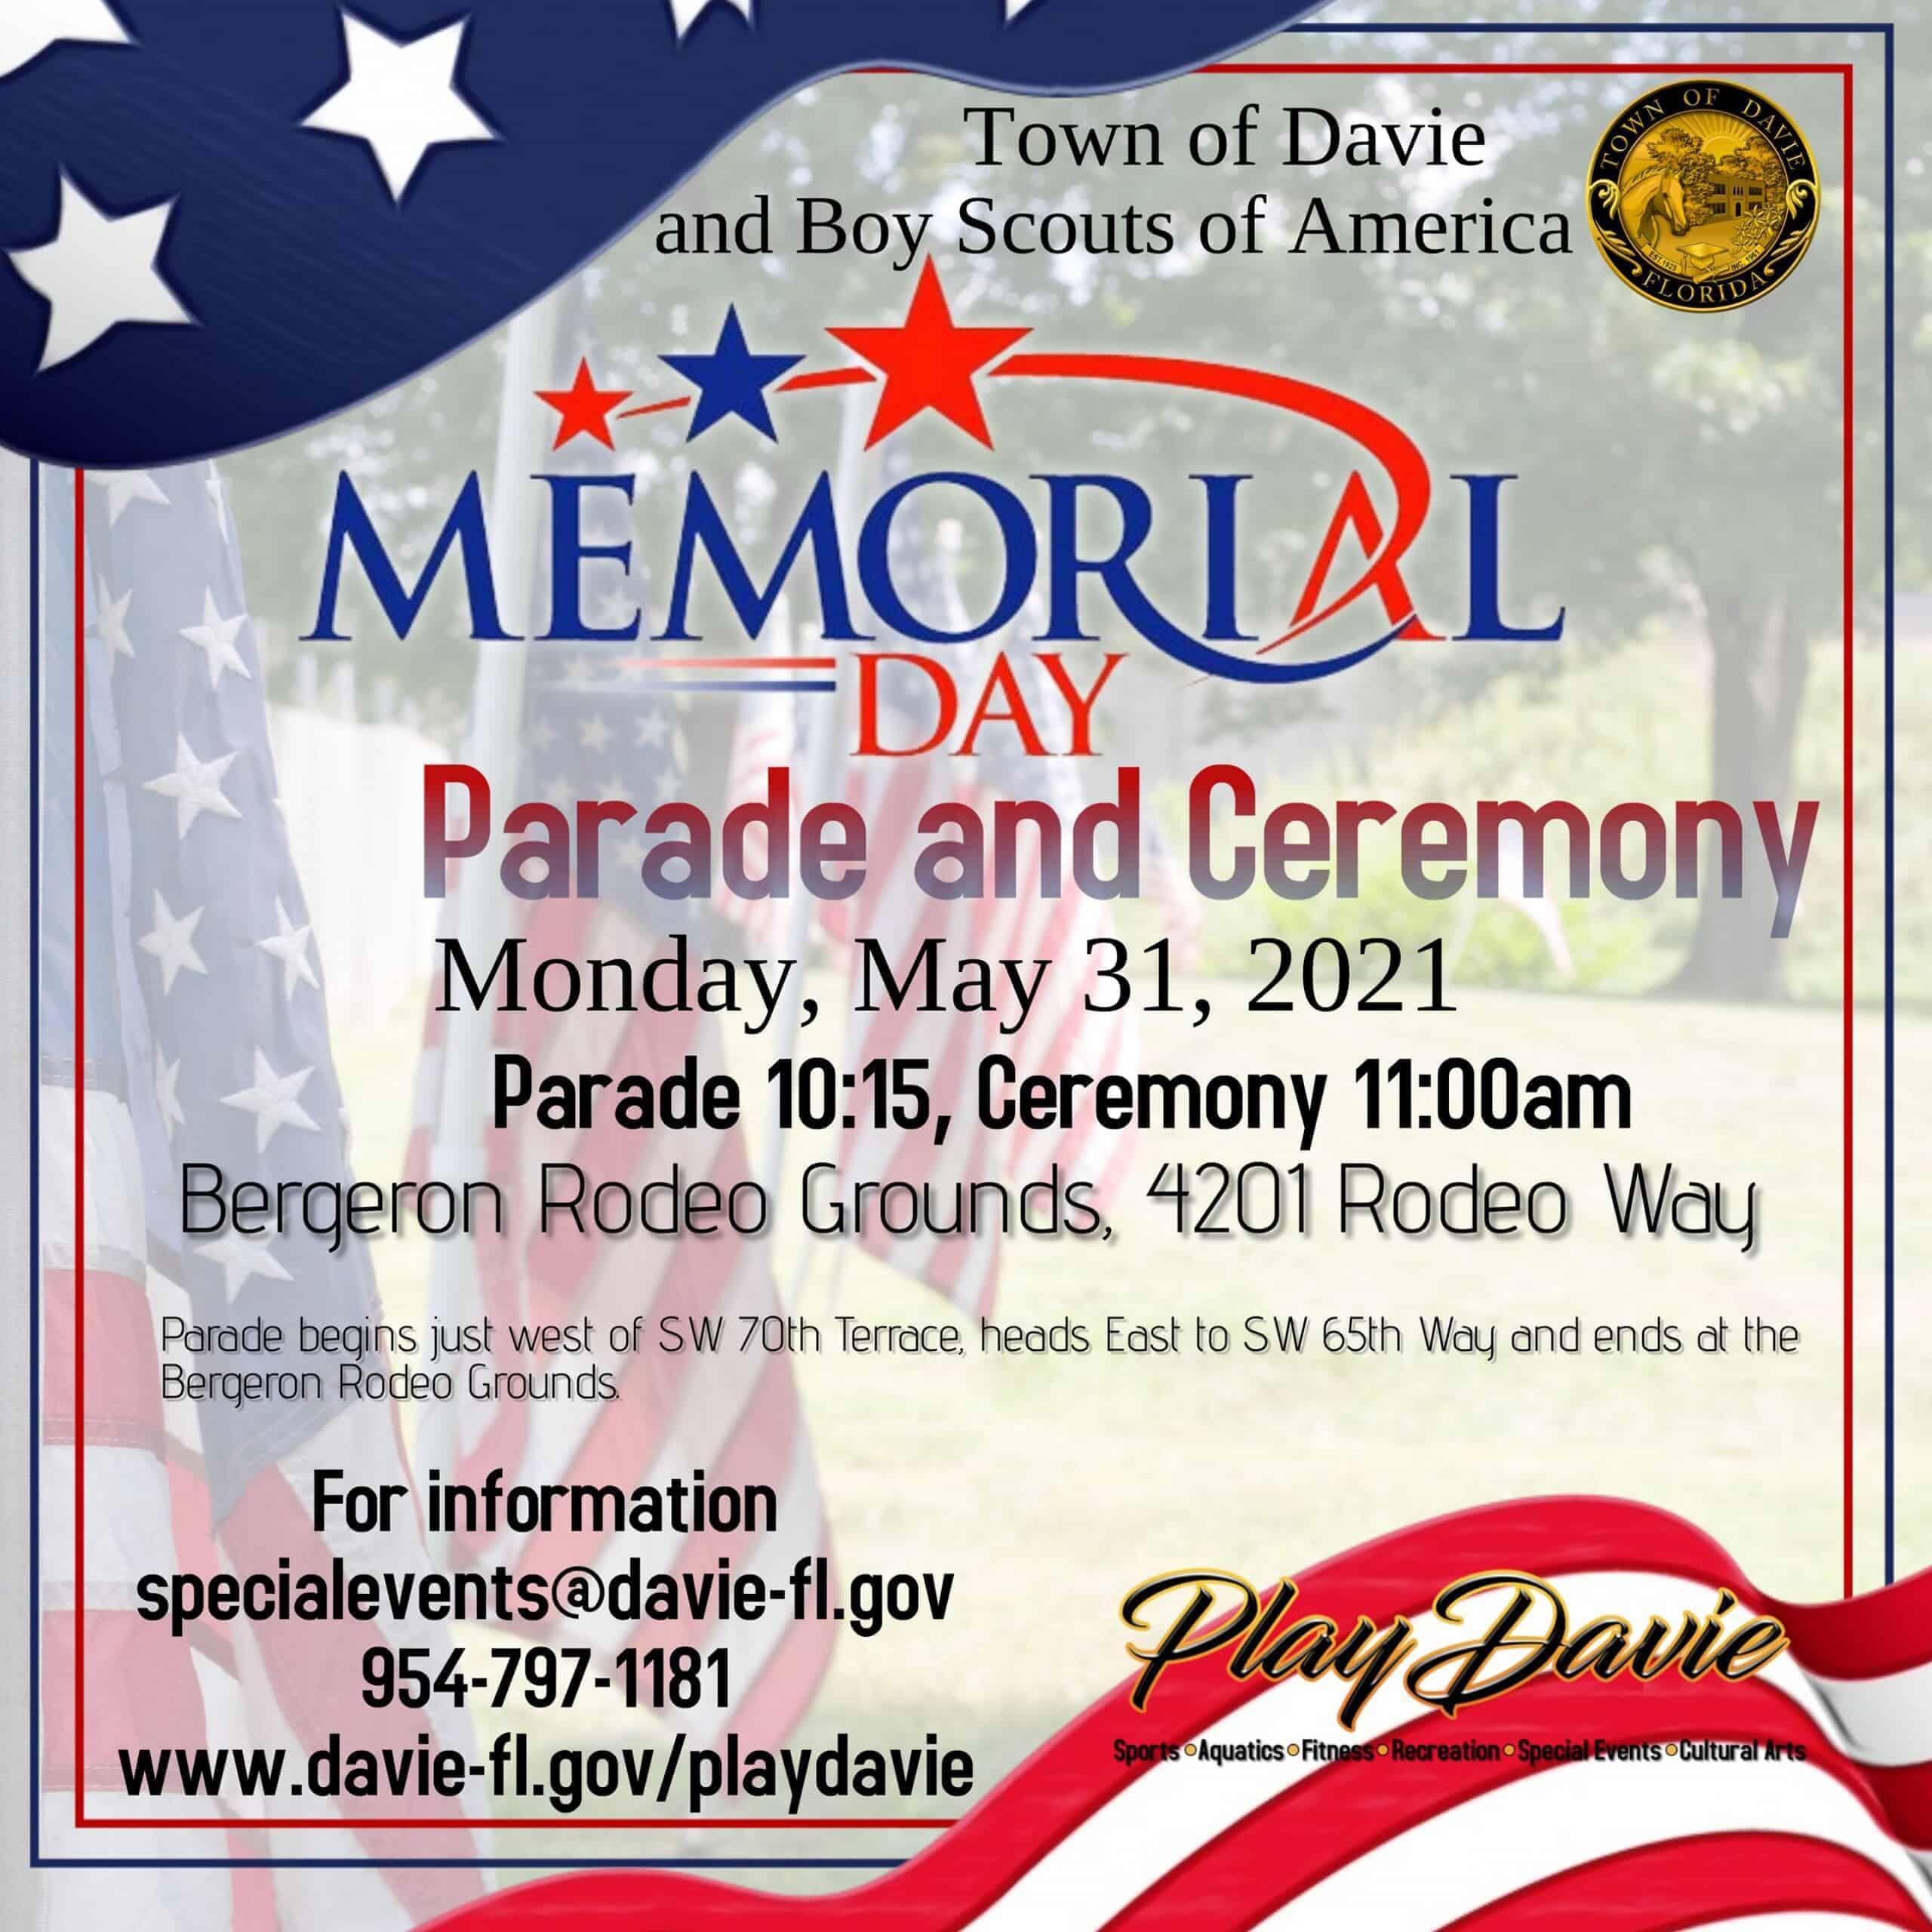 City of Davie - Memorial Day Parade and Ceremony